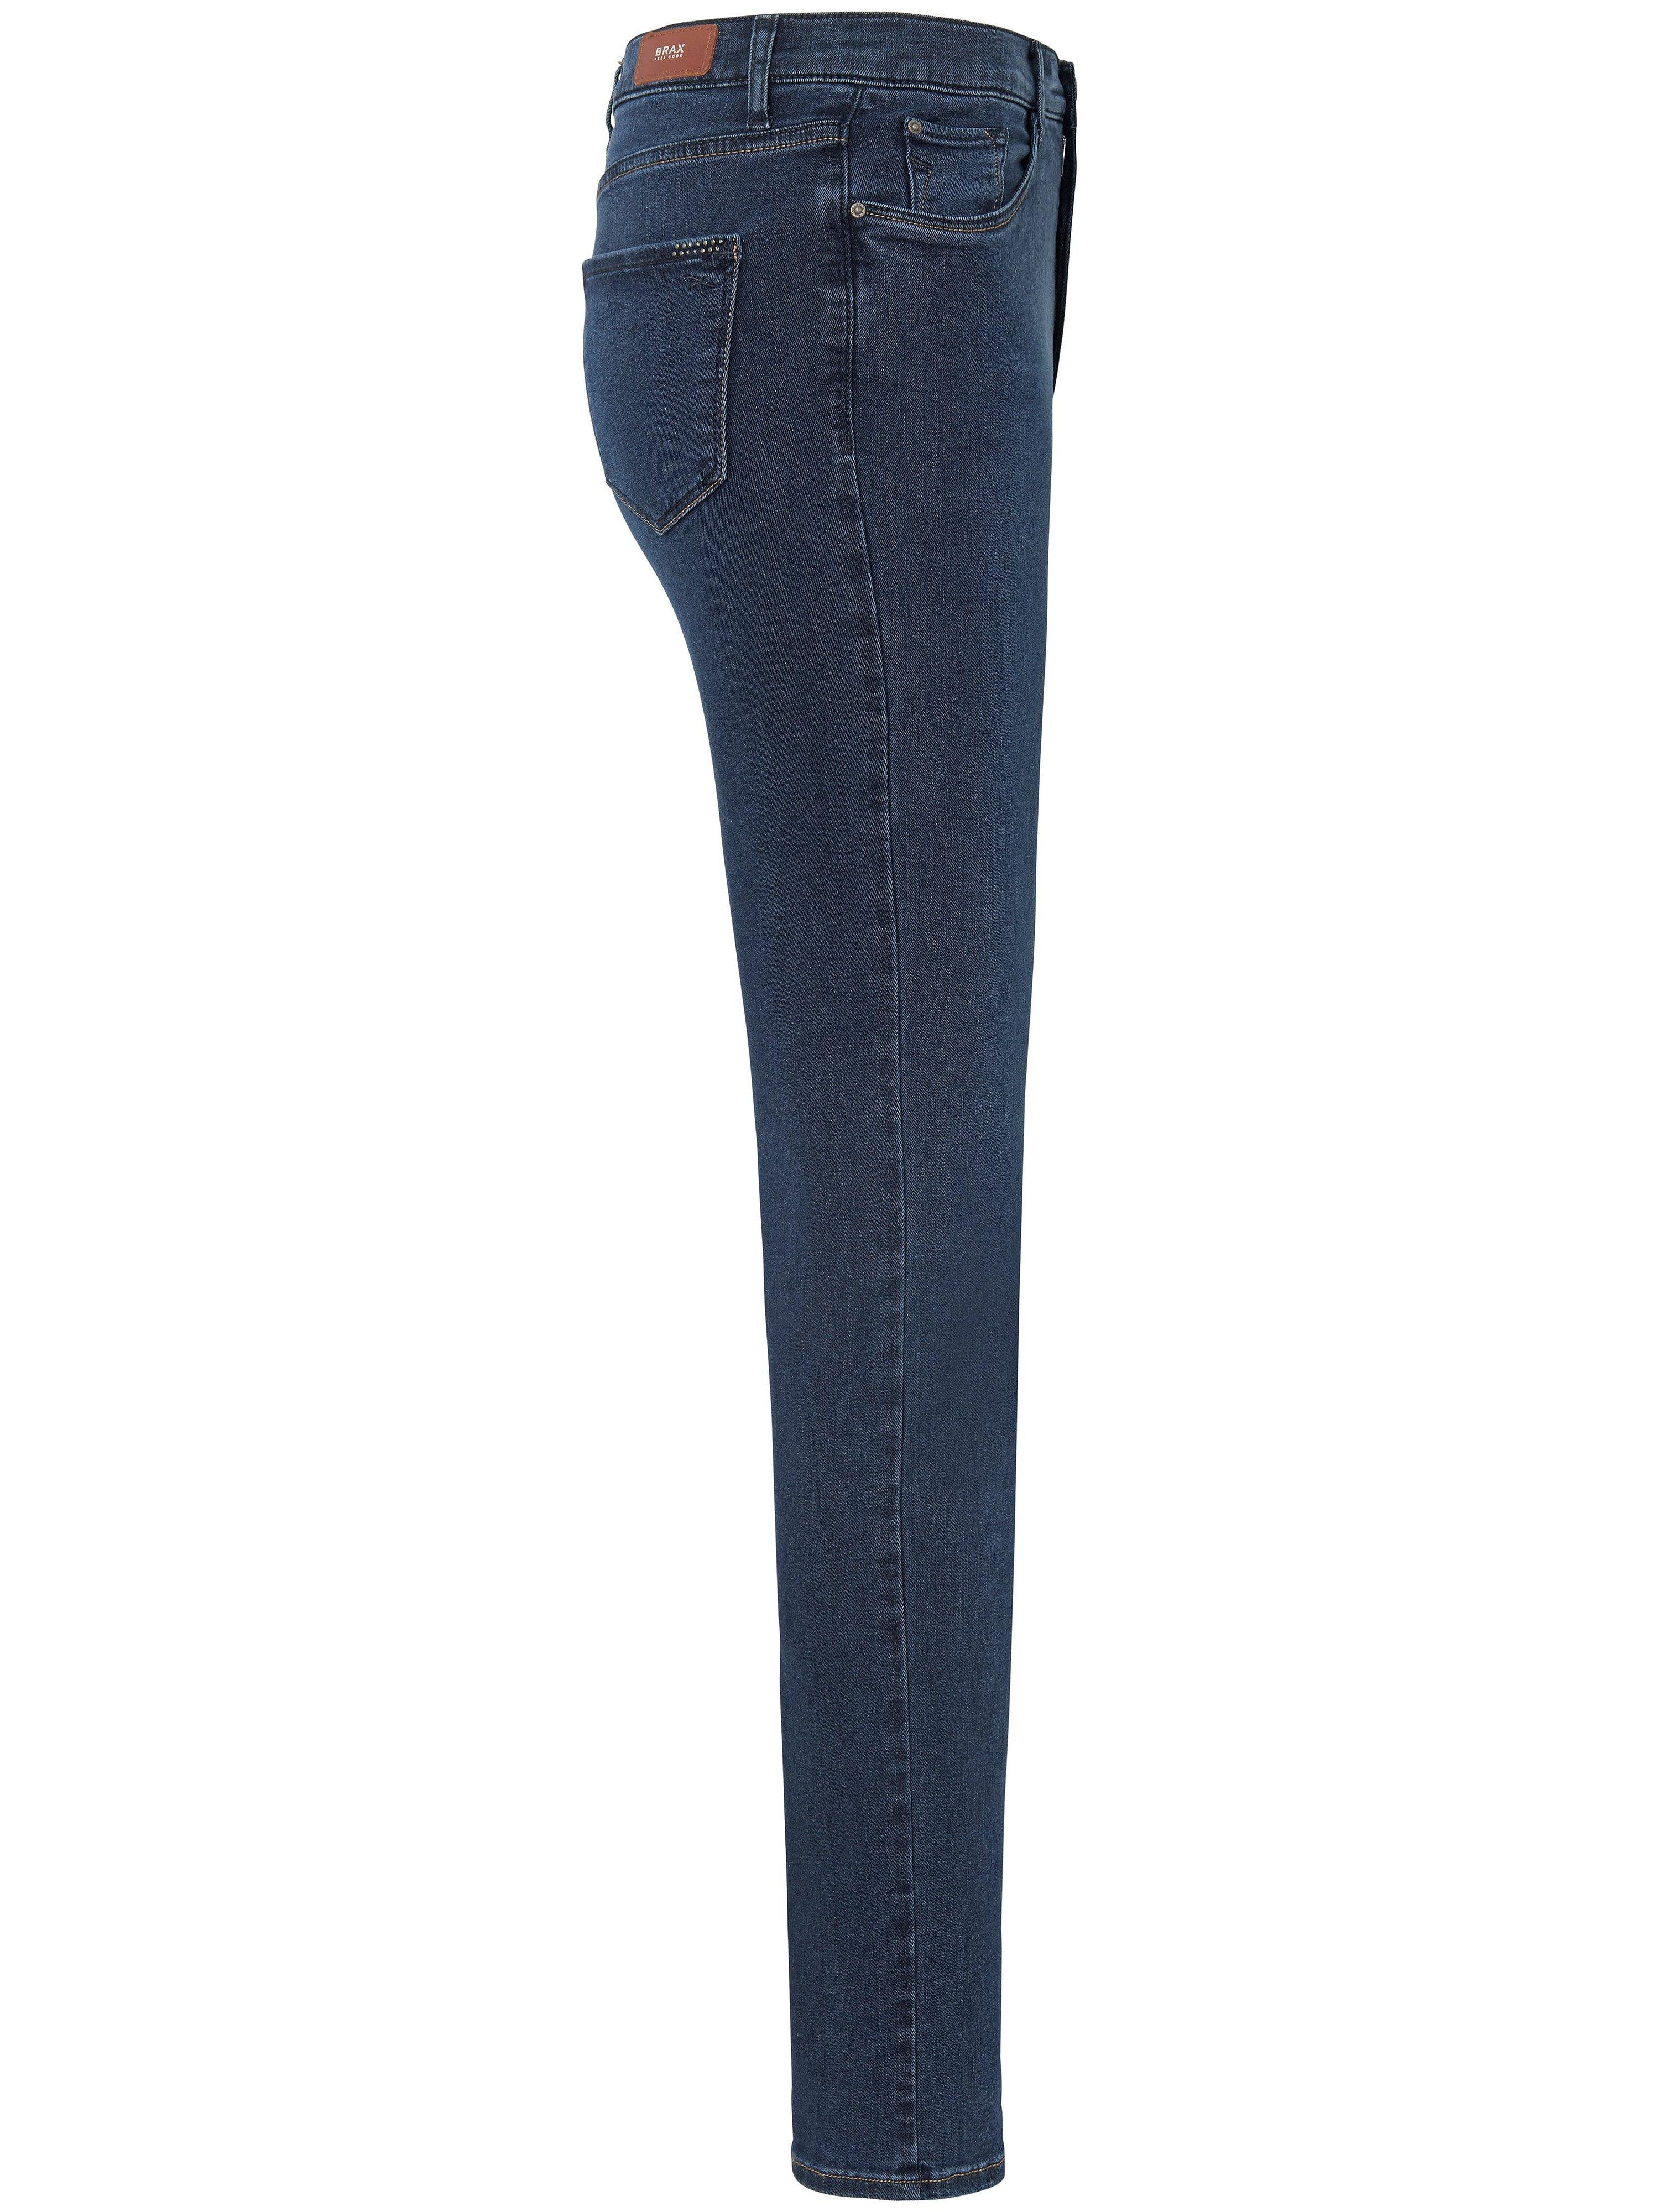 Feminine Fit-jeans model Nicola Fra Brax Feel Good denim